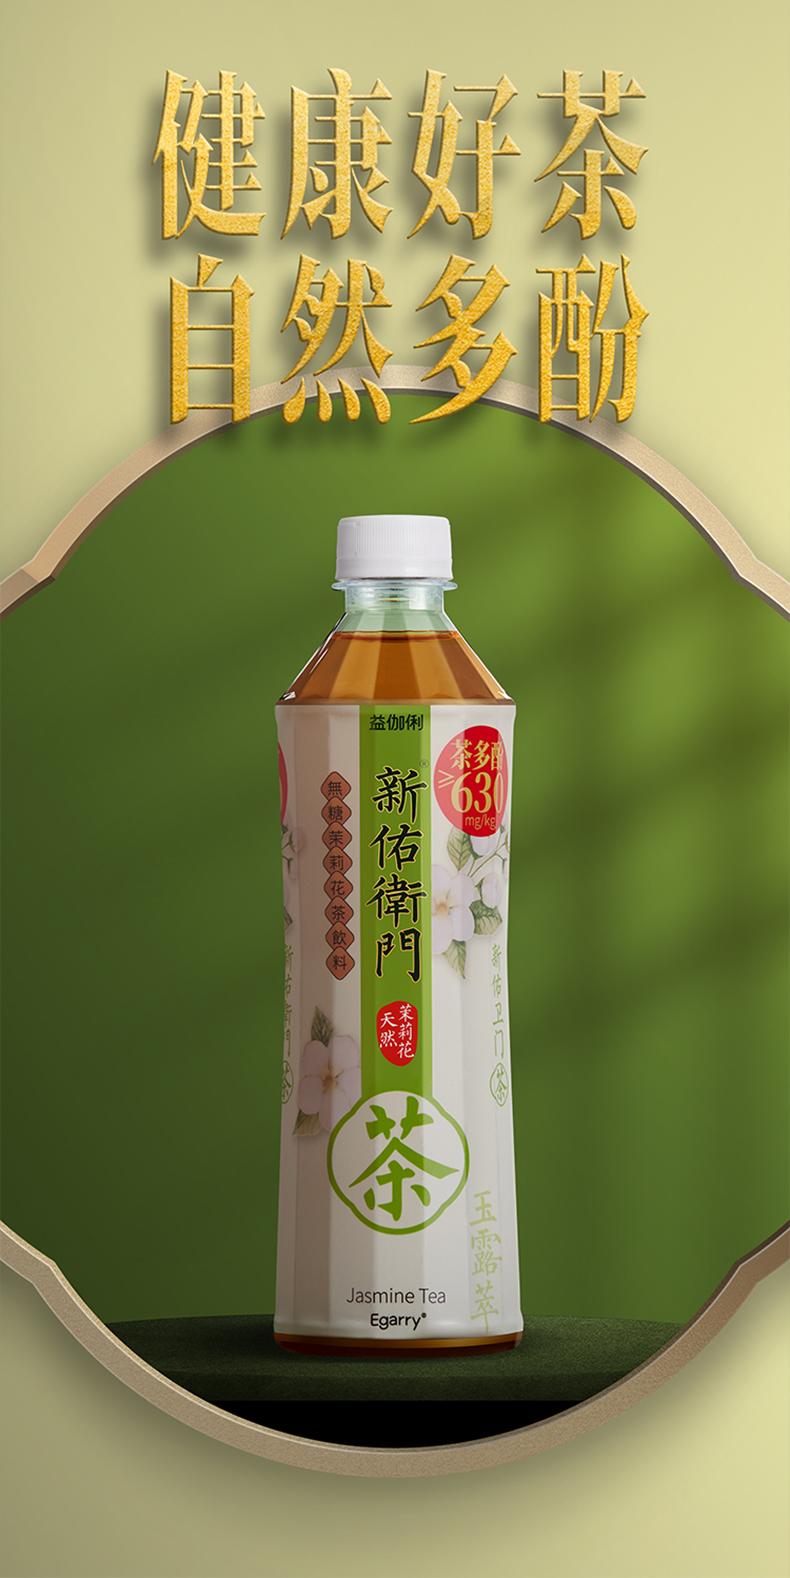 新佑卫门 0糖茉莉花茶 500ml*6瓶 茶多酚630mg/kg 图2